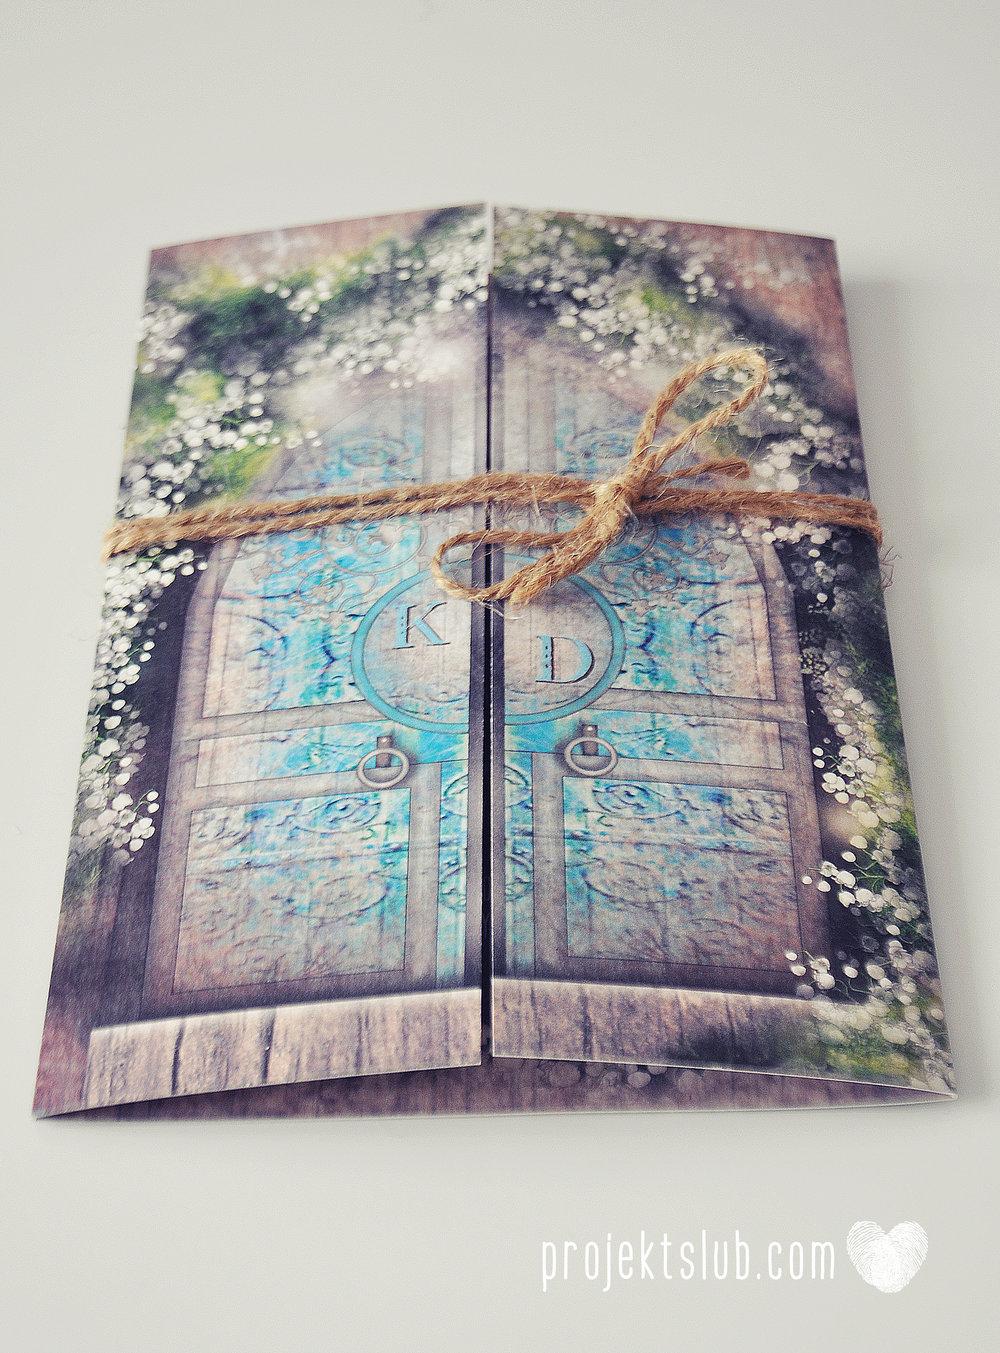 Zaproszenie ślubne zaczarowany las z motywem konwali w stylu rustykalnym z akcentami turkusu i rysunkiem drewna (1).JPG